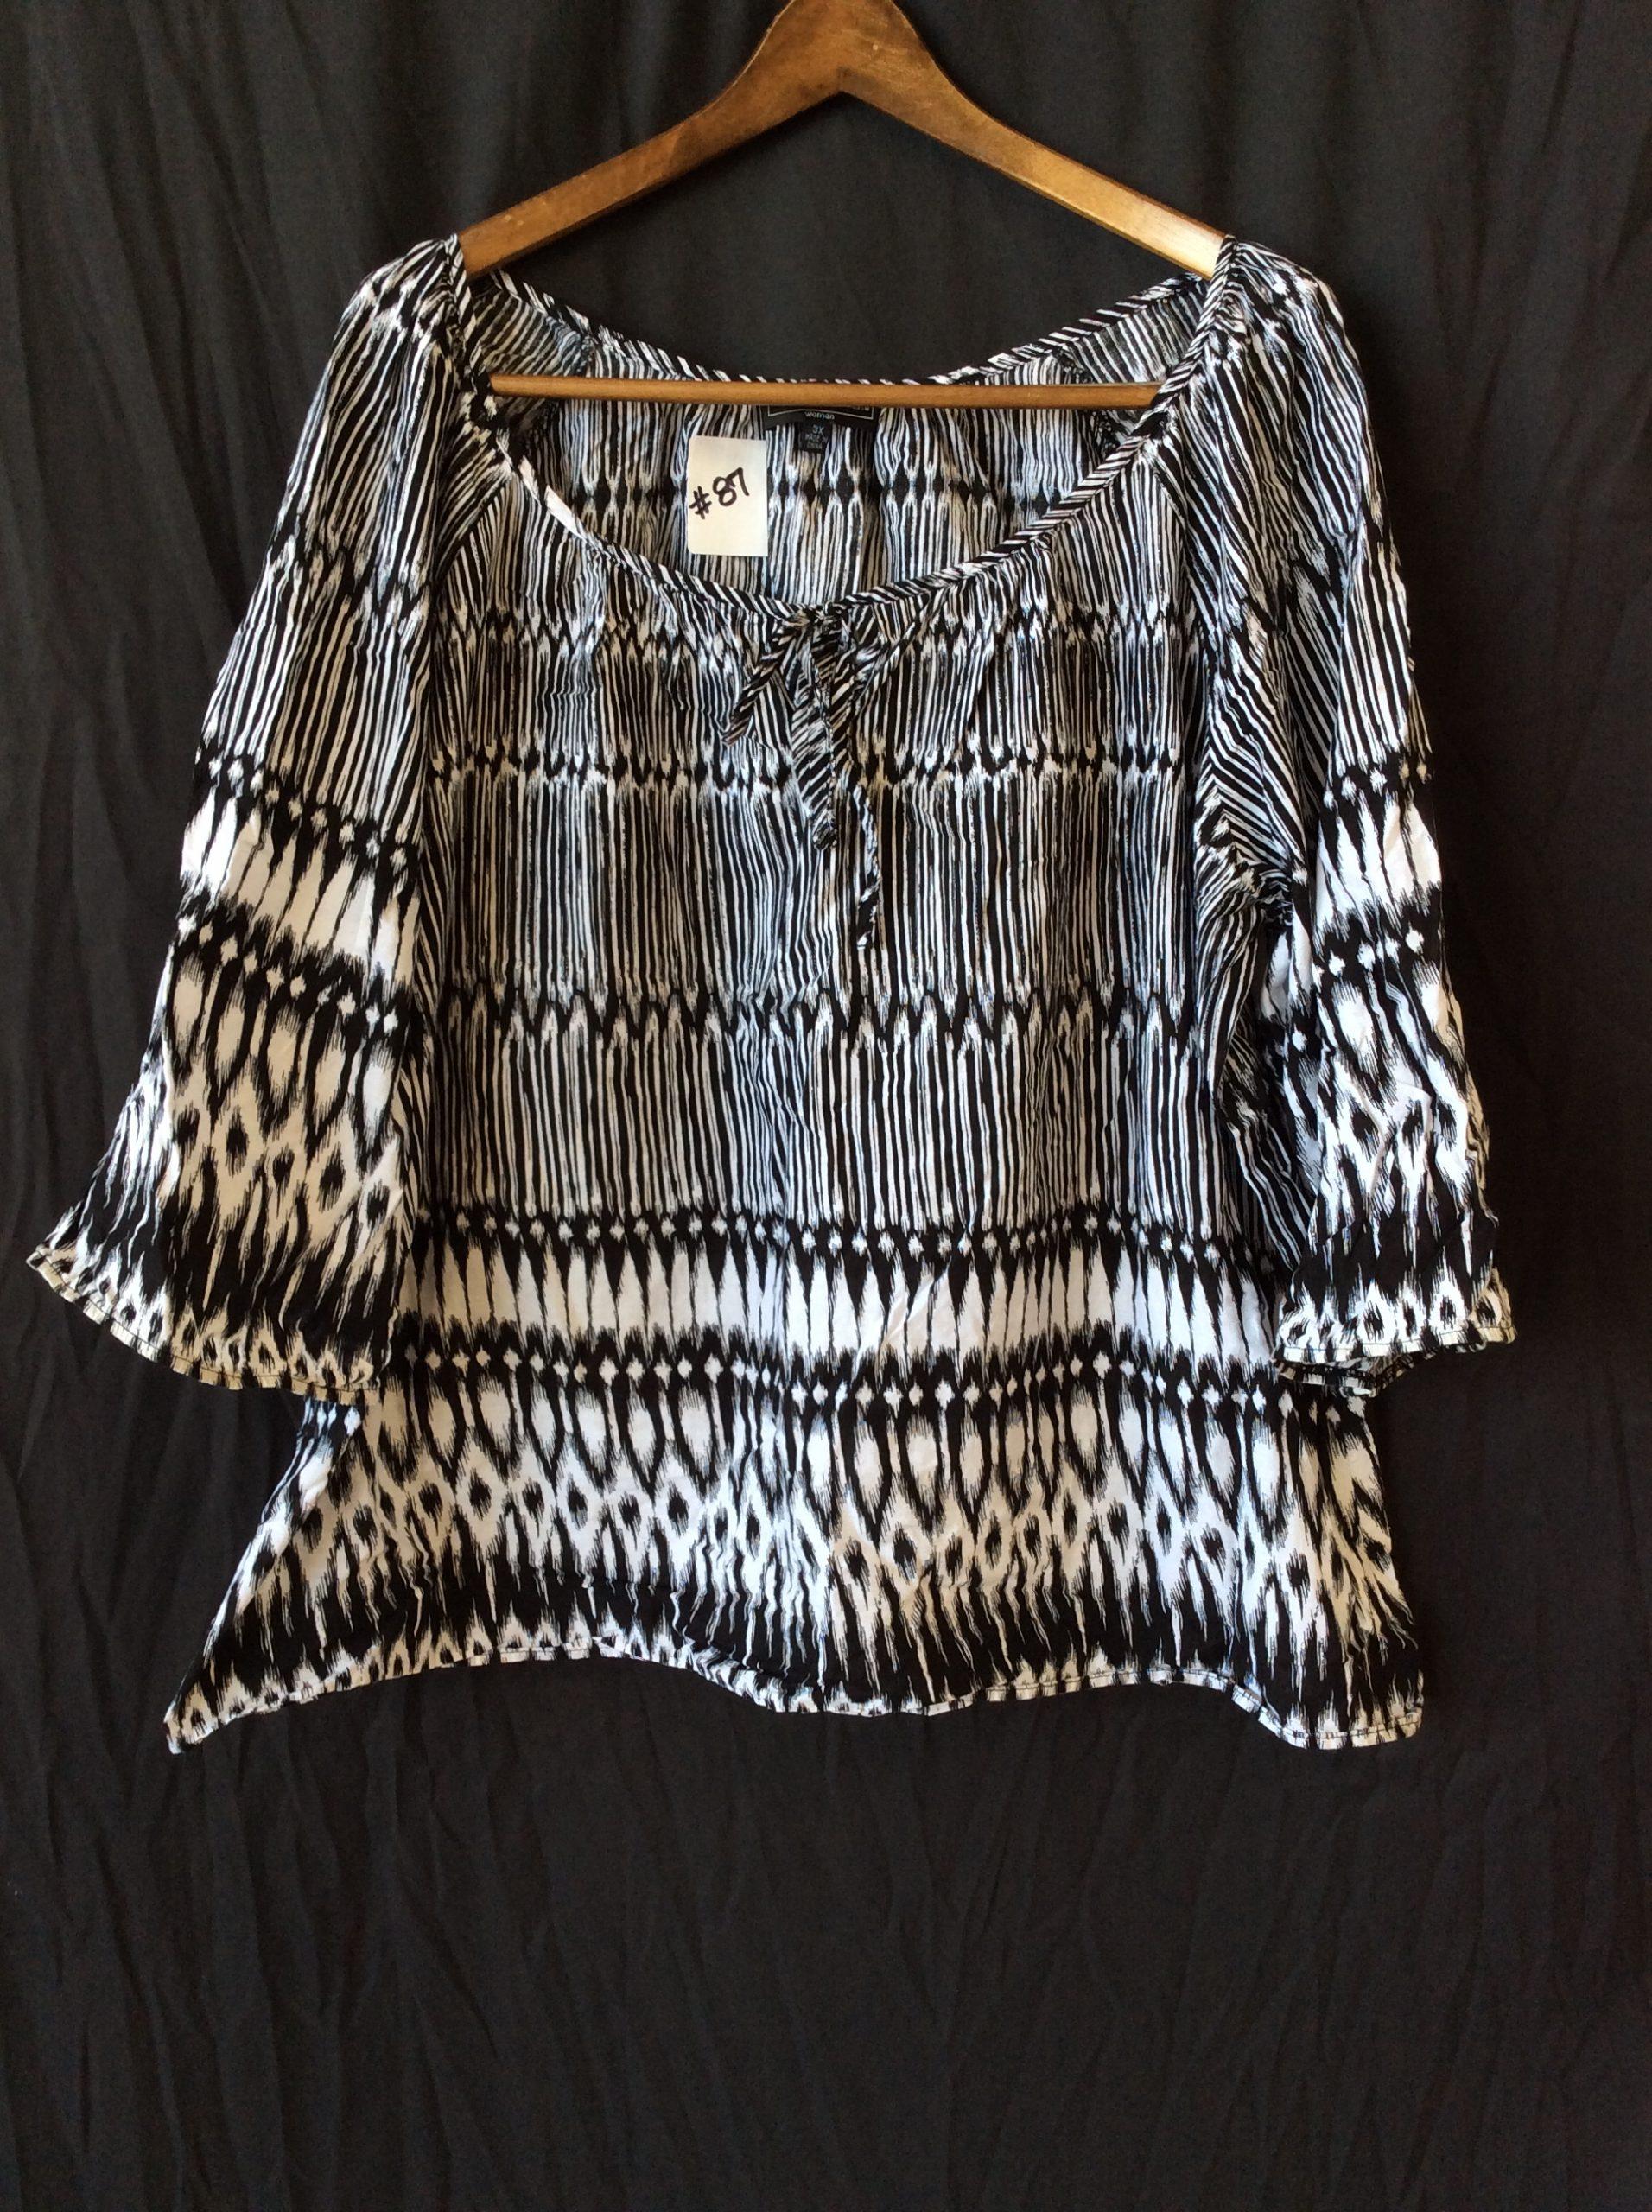 Women's black and white top, size xxxl